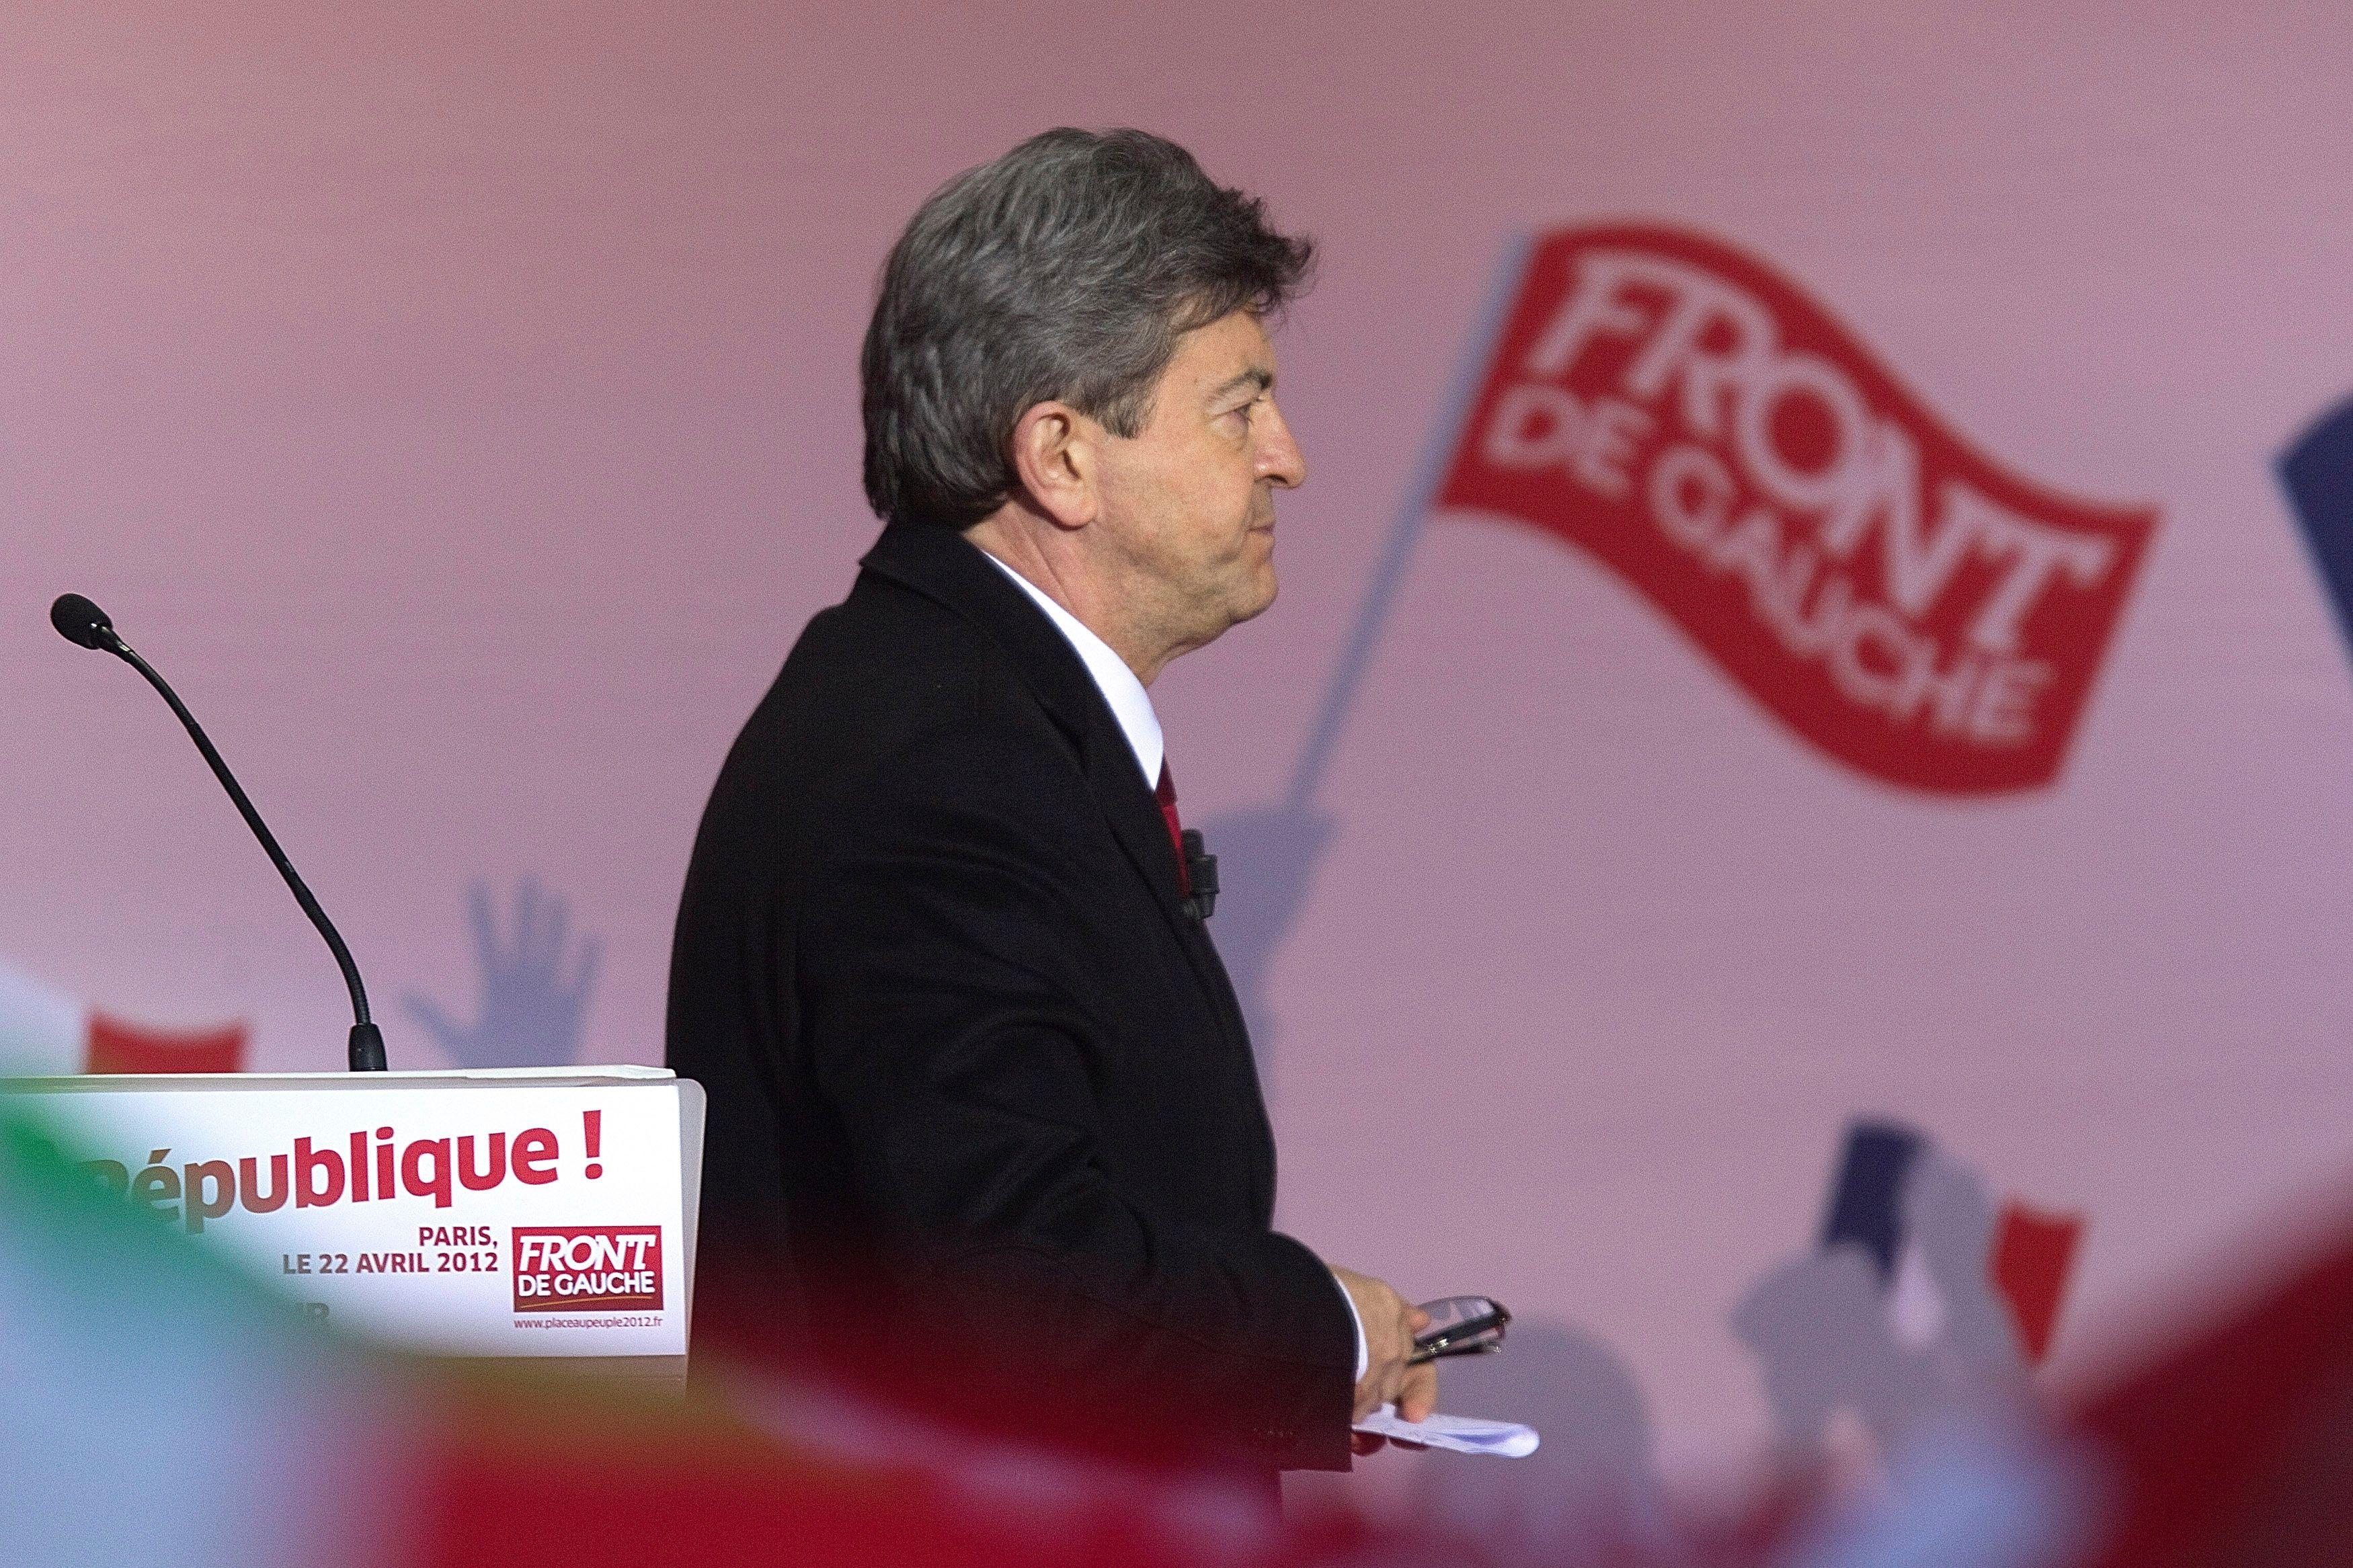 Hollande-Mélenchon au coude à coude dans les sondages : la gauche protestataire peut-elle vraiment dépasser celle de gouvernement ?